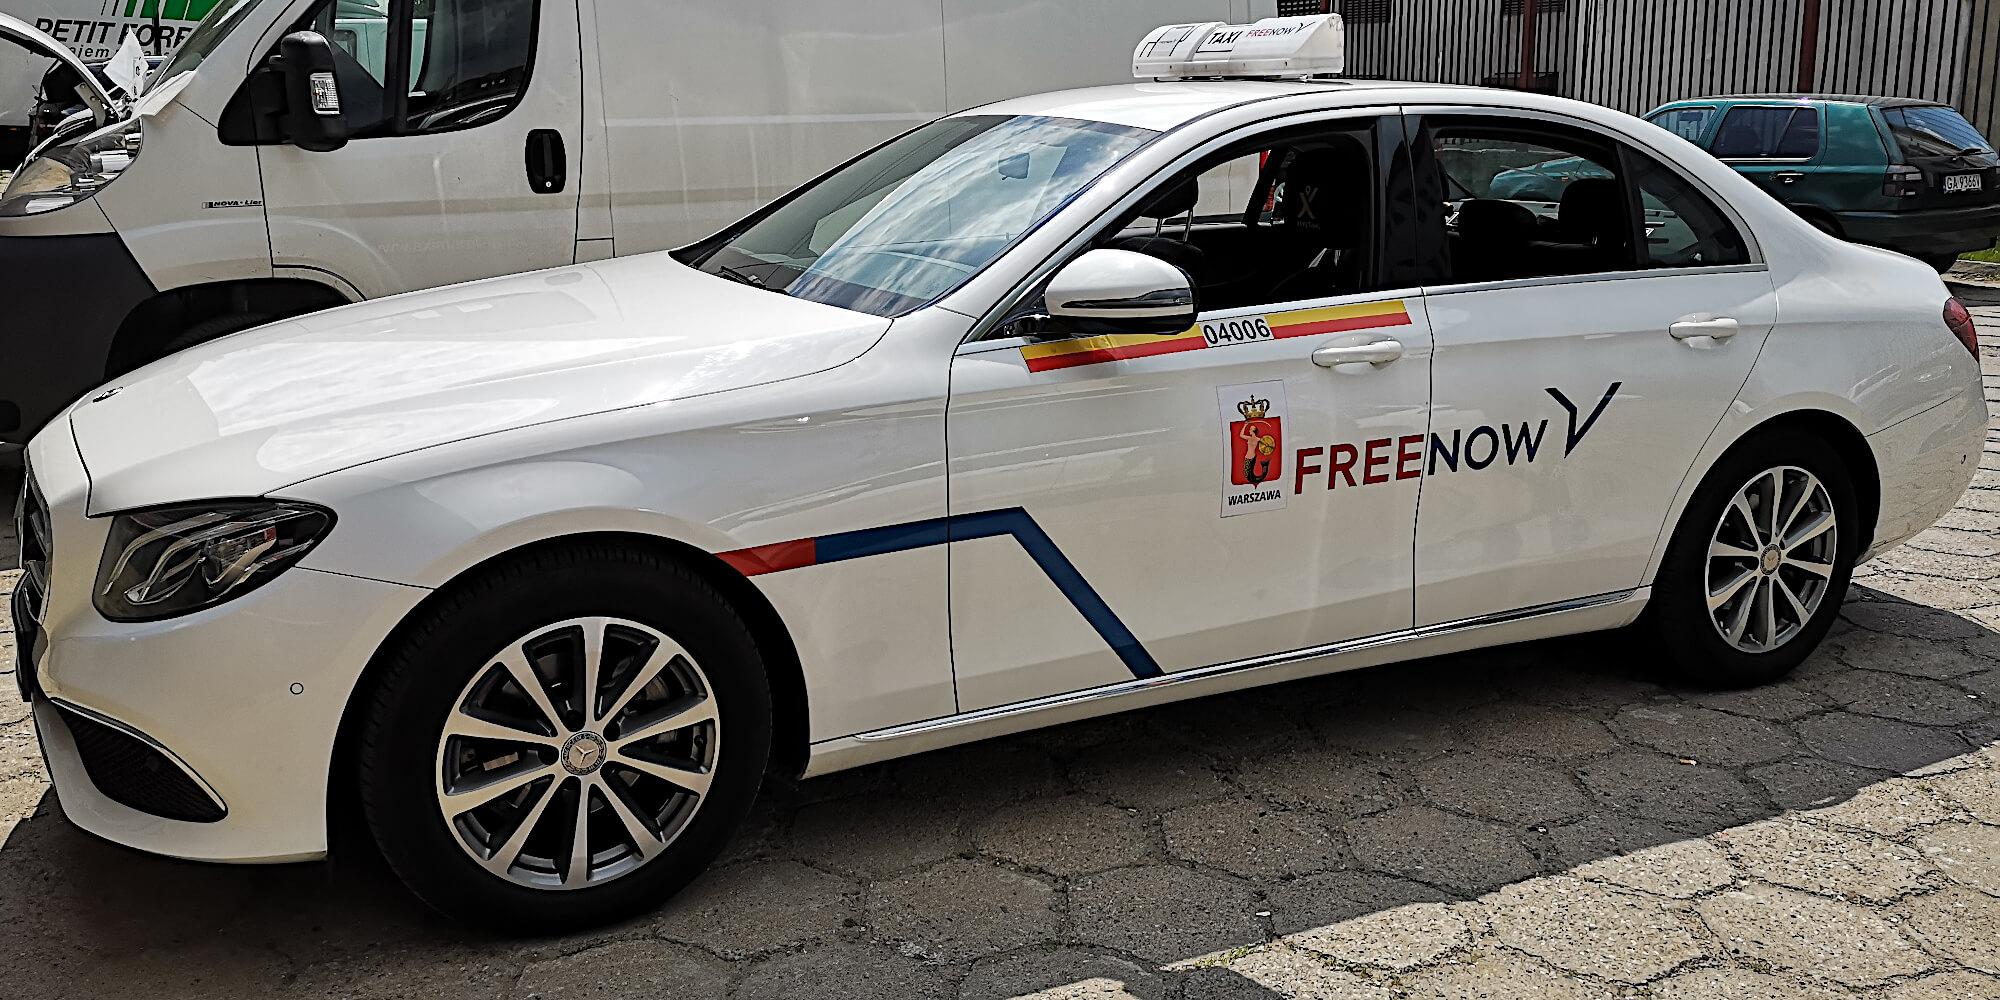 oklejanie samochodów taksówek taxi free now